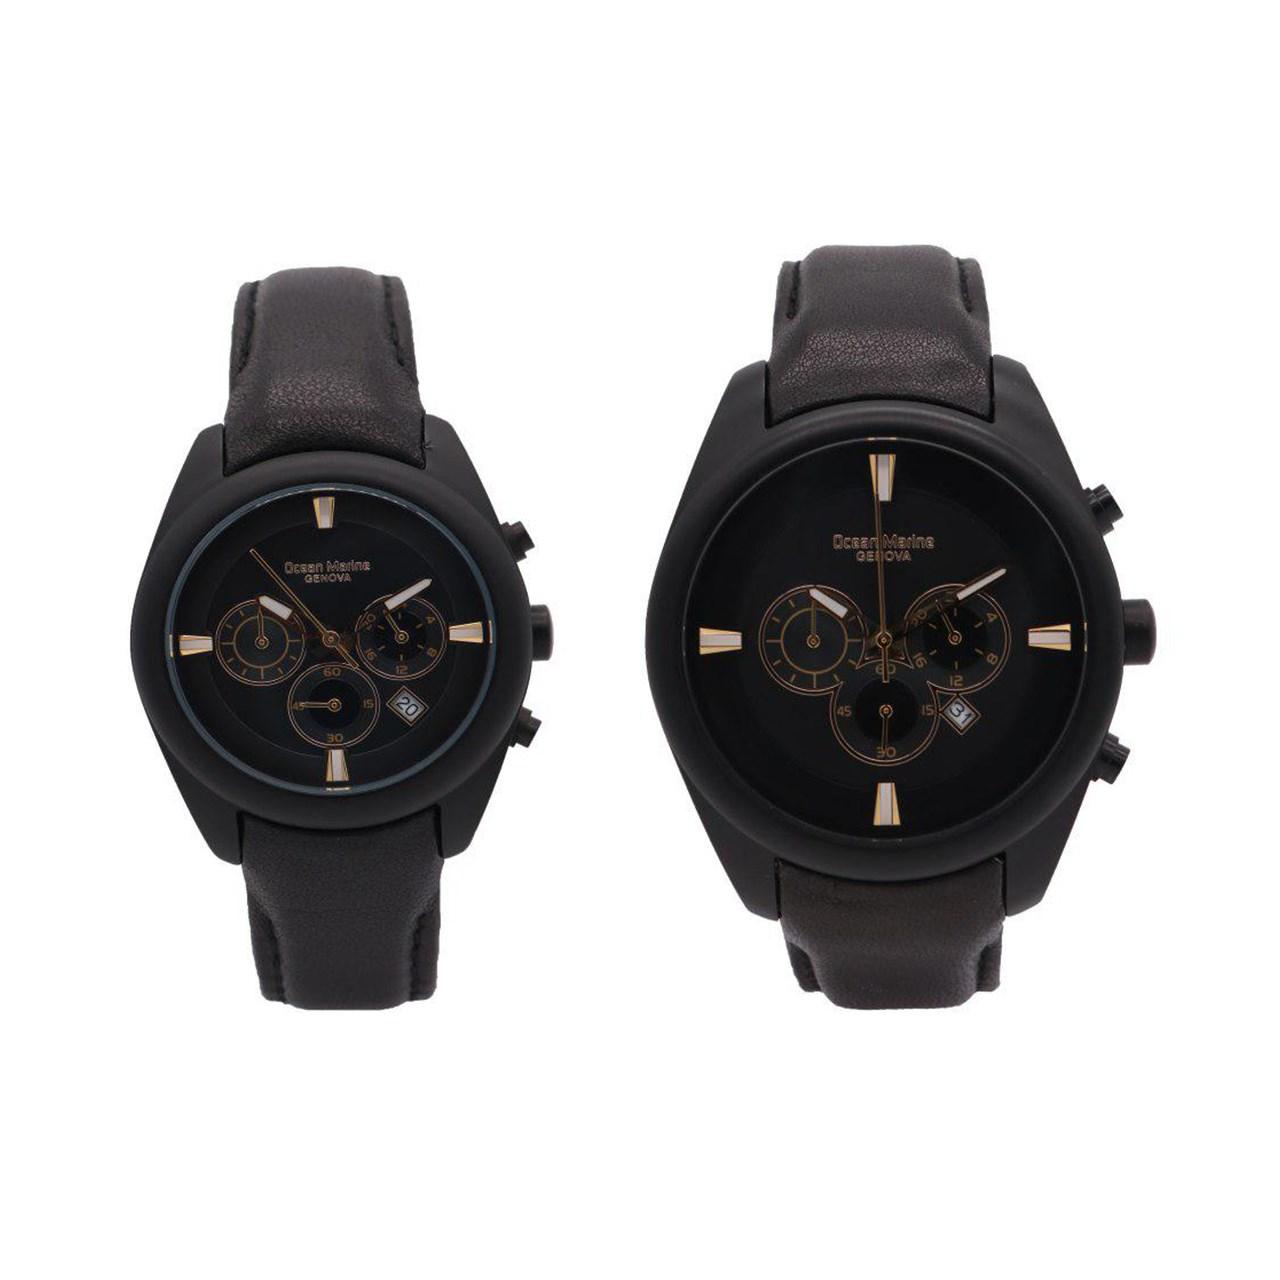 ساعت ست مردانه و زنانه اوشن مارین مدل OM-8106L-1 و OM-8106G-1 14